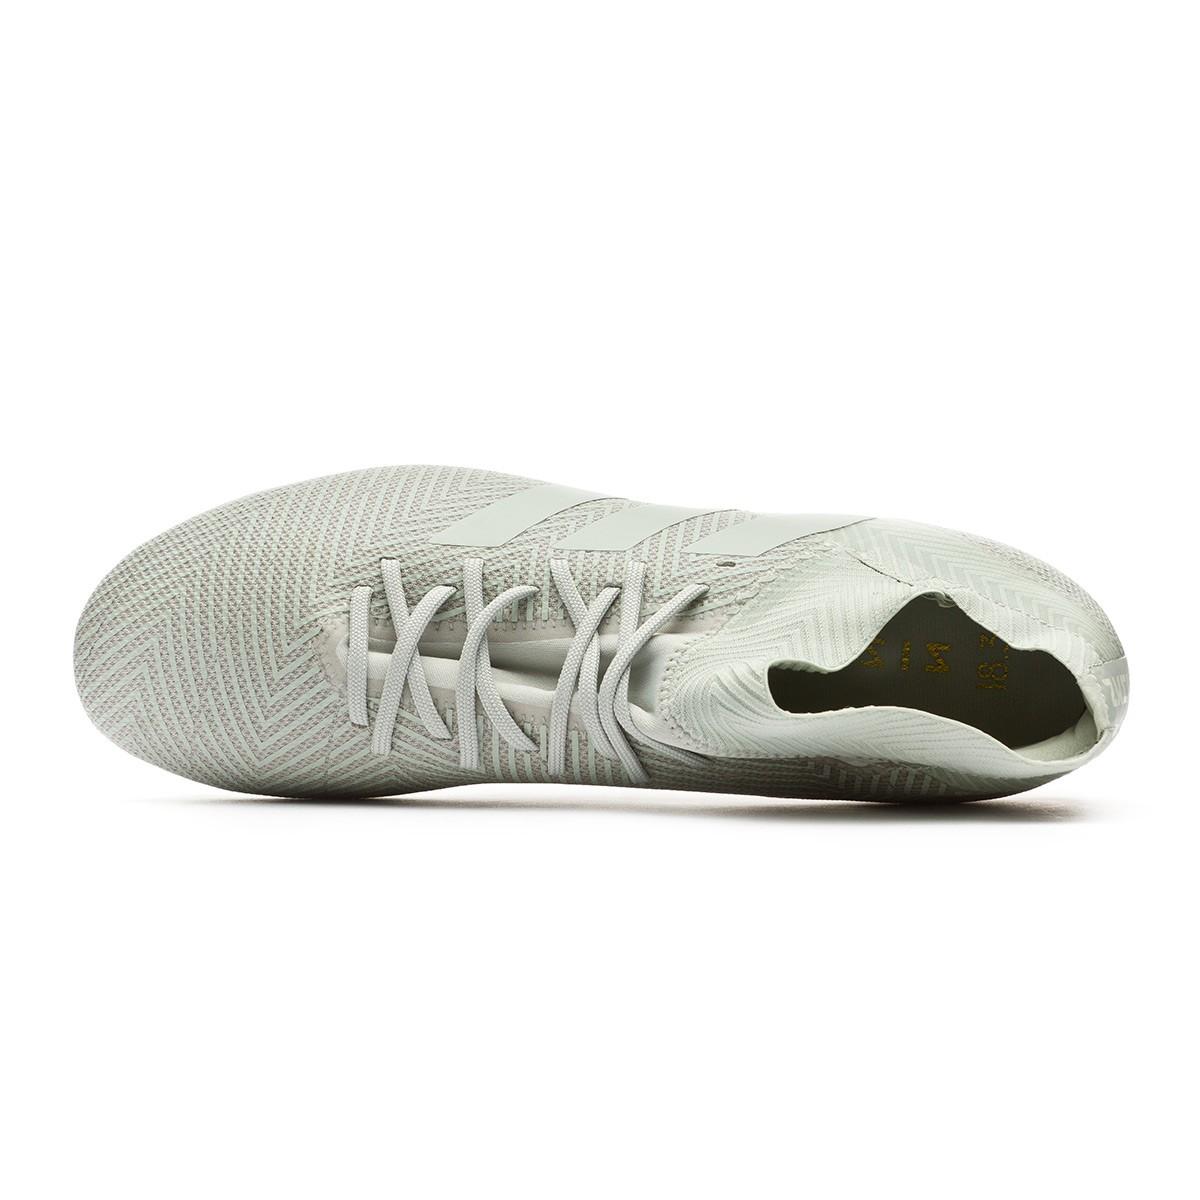 c4f5e58a64e Football Boots adidas Nemeziz 18.3 FG Ash silver-White tint - Tienda de  fútbol Fútbol Emotion